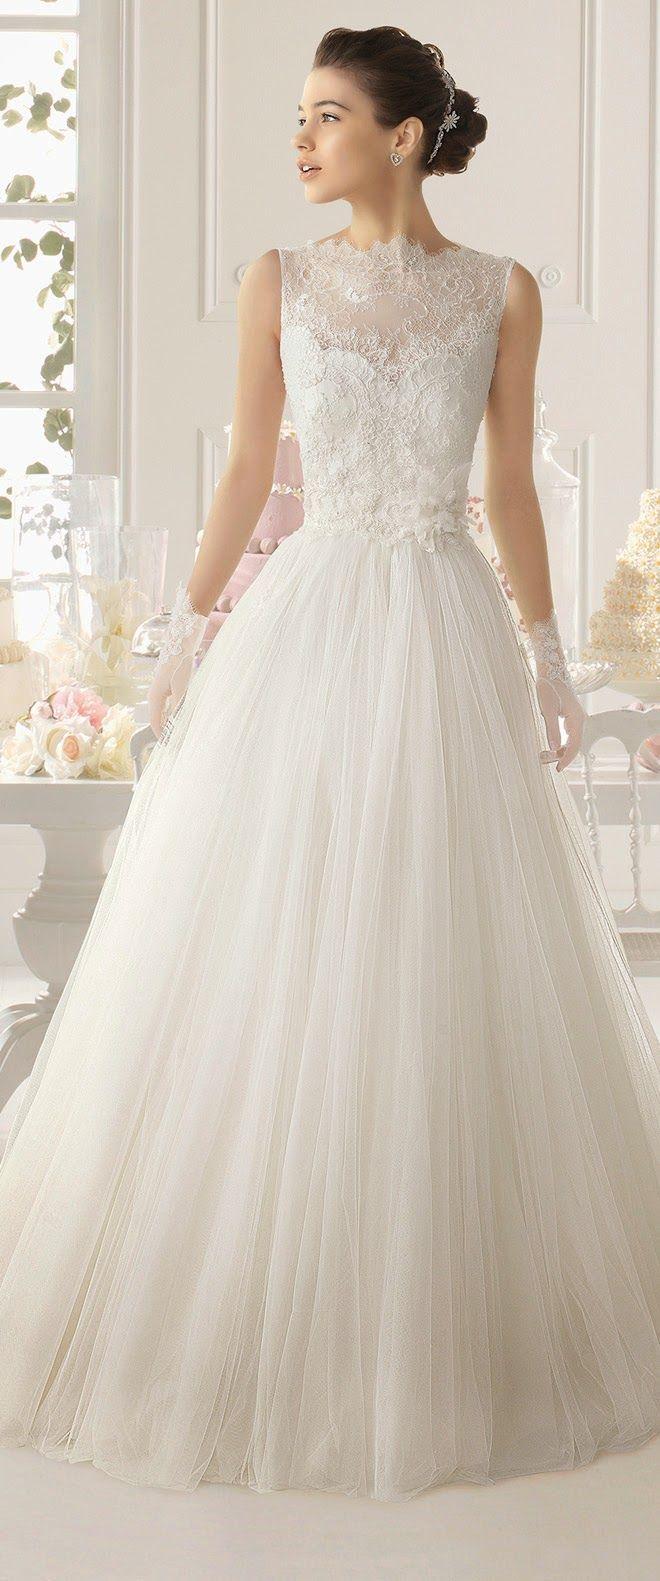 Robe de mariée magnifique et plus encore sur bemariage